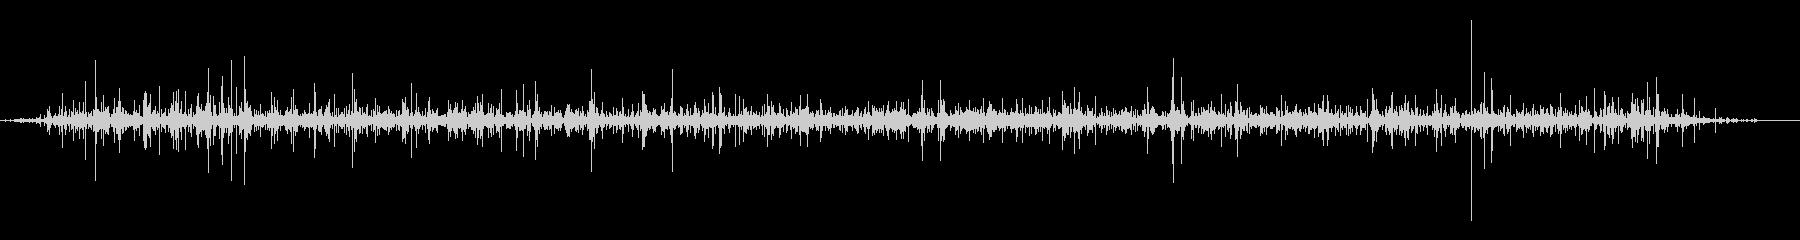 砂利道と川の流れる自然音 pt2の未再生の波形